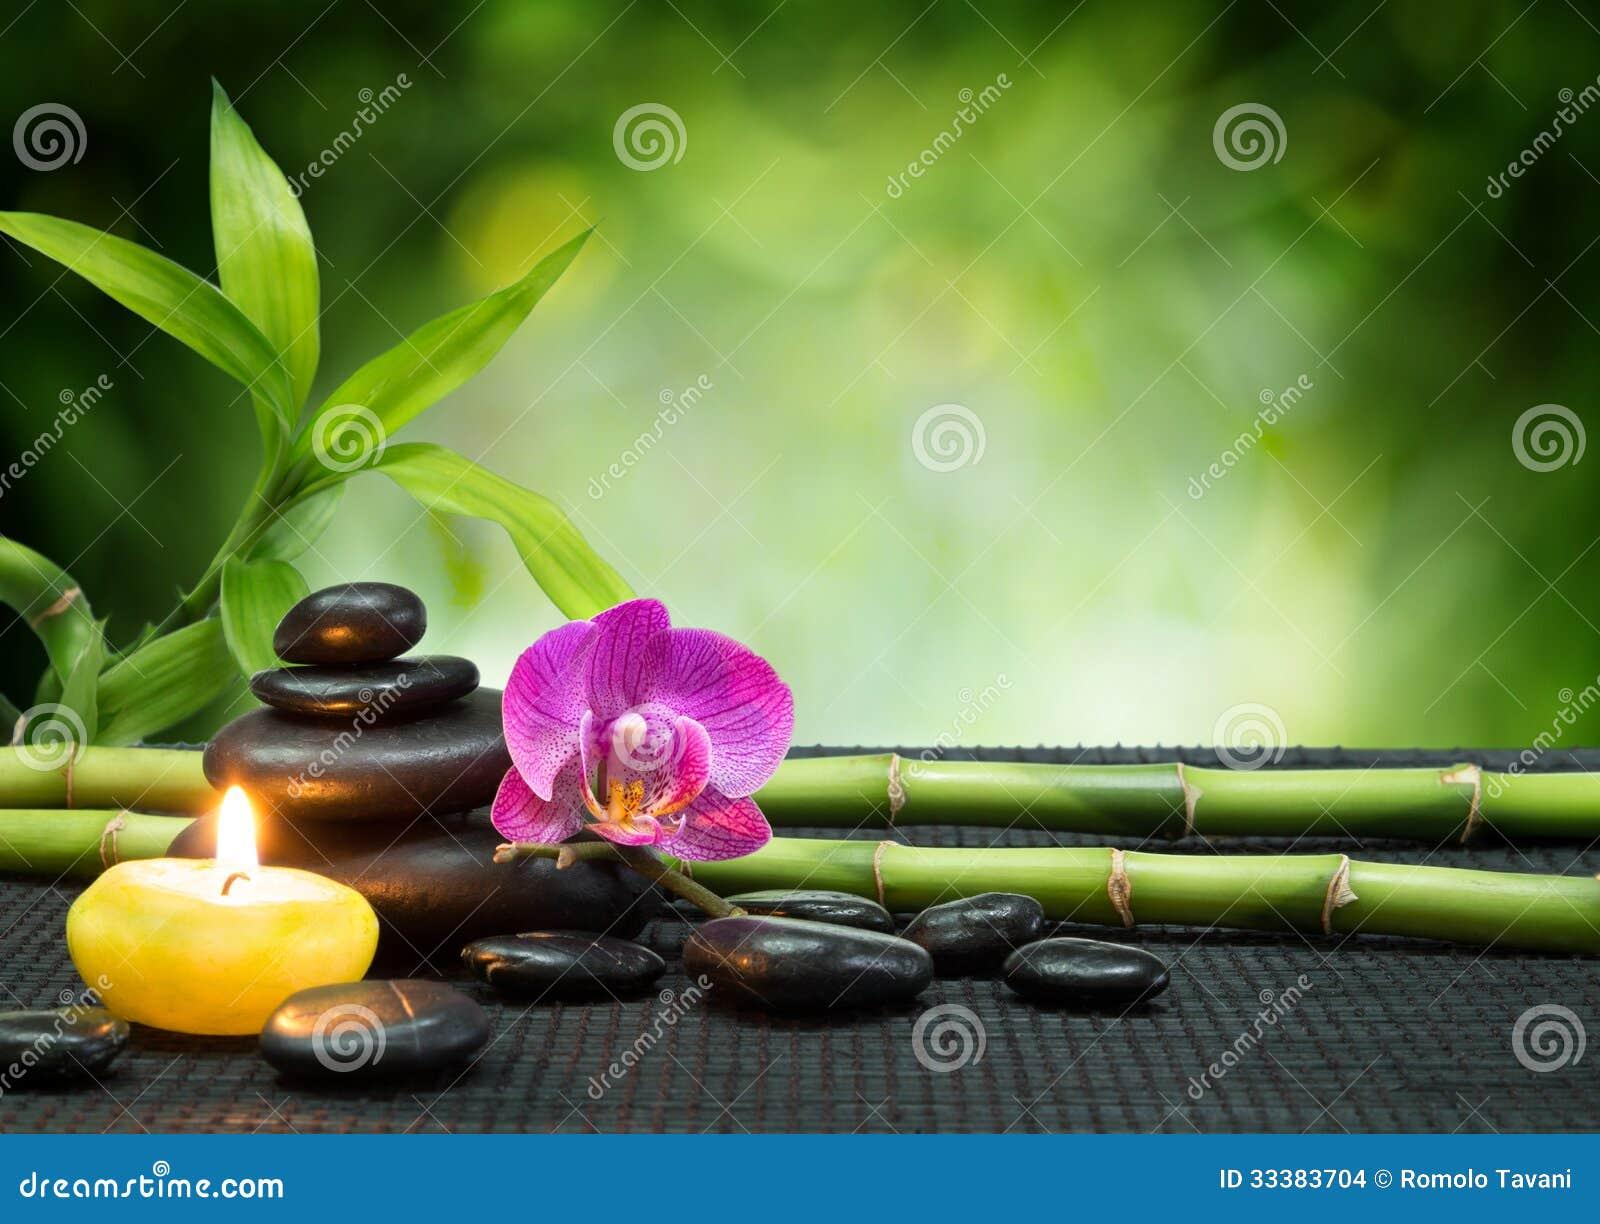 Bambus Archivbilder Abgabe Des Download 211 315 Geben Fotos Frei